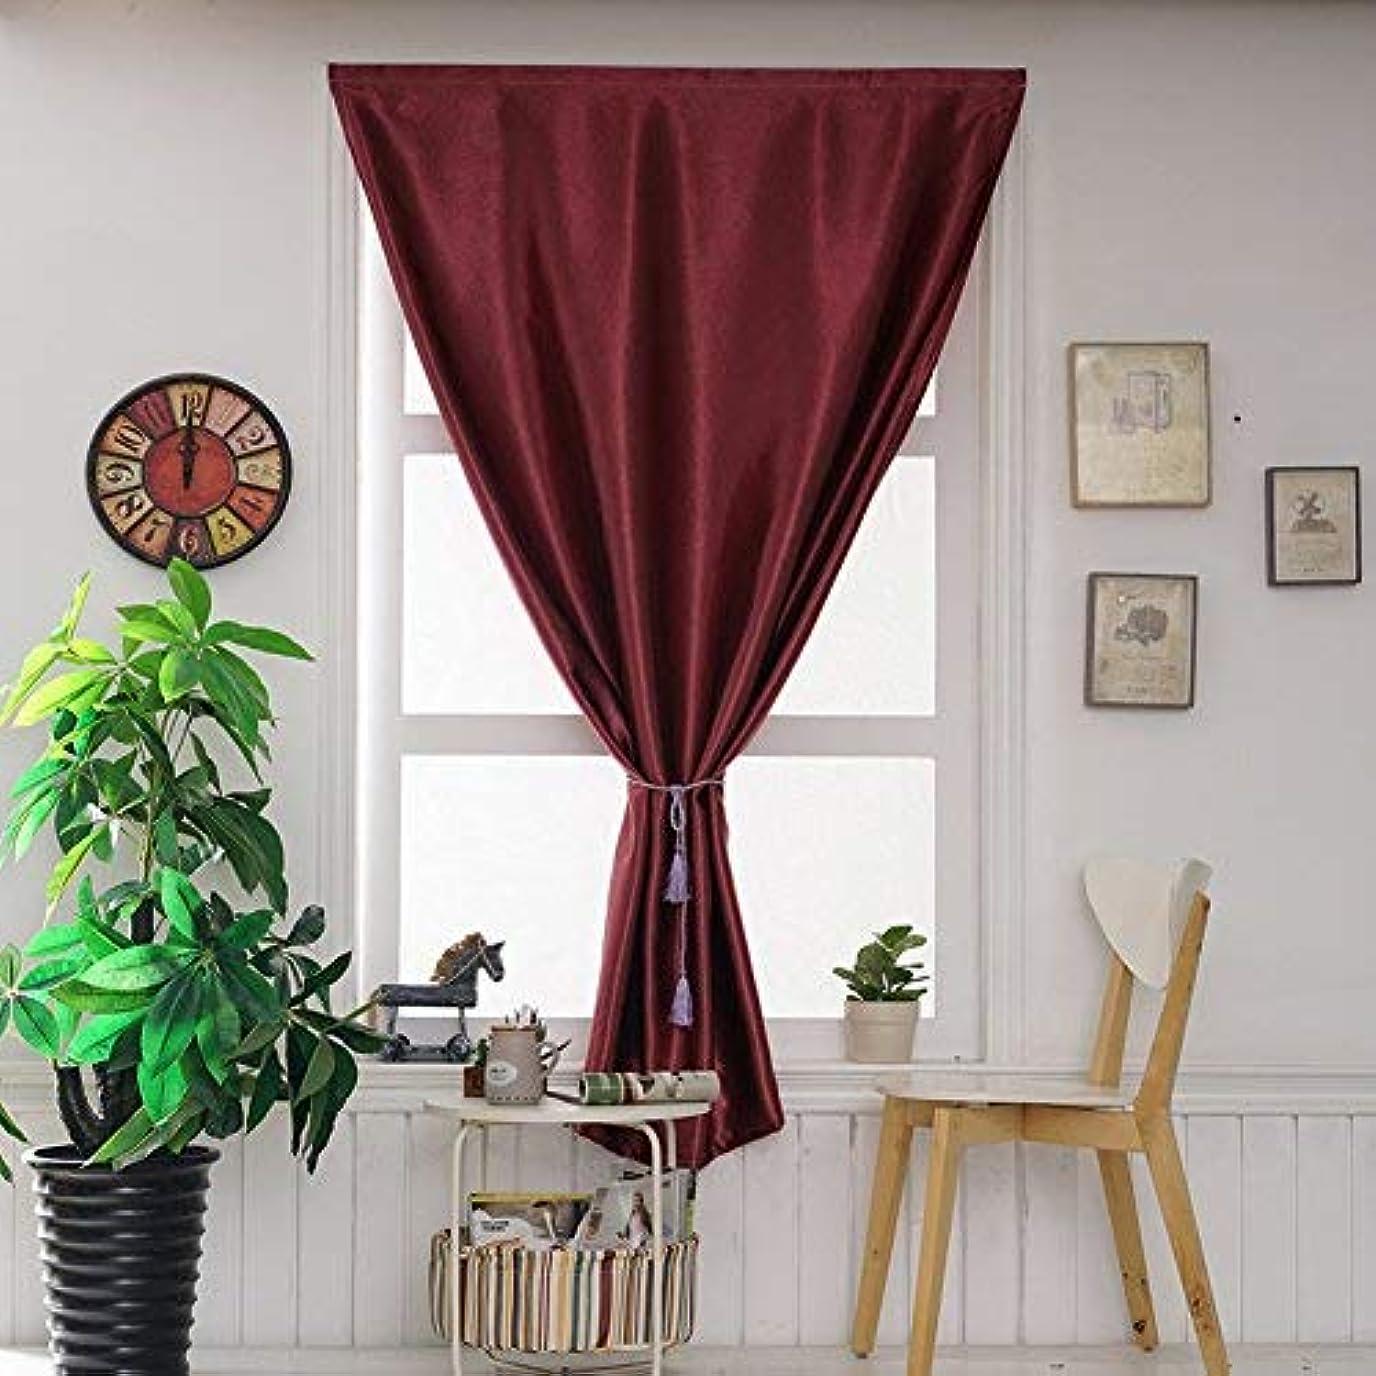 解明する側溝の配列BMY シルクロードのヴェルクロ遮光カーテン、賃貸住宅の寝室赤ワイン43 'x 59'のための無料の掘削の容易な固体遮光カーテン